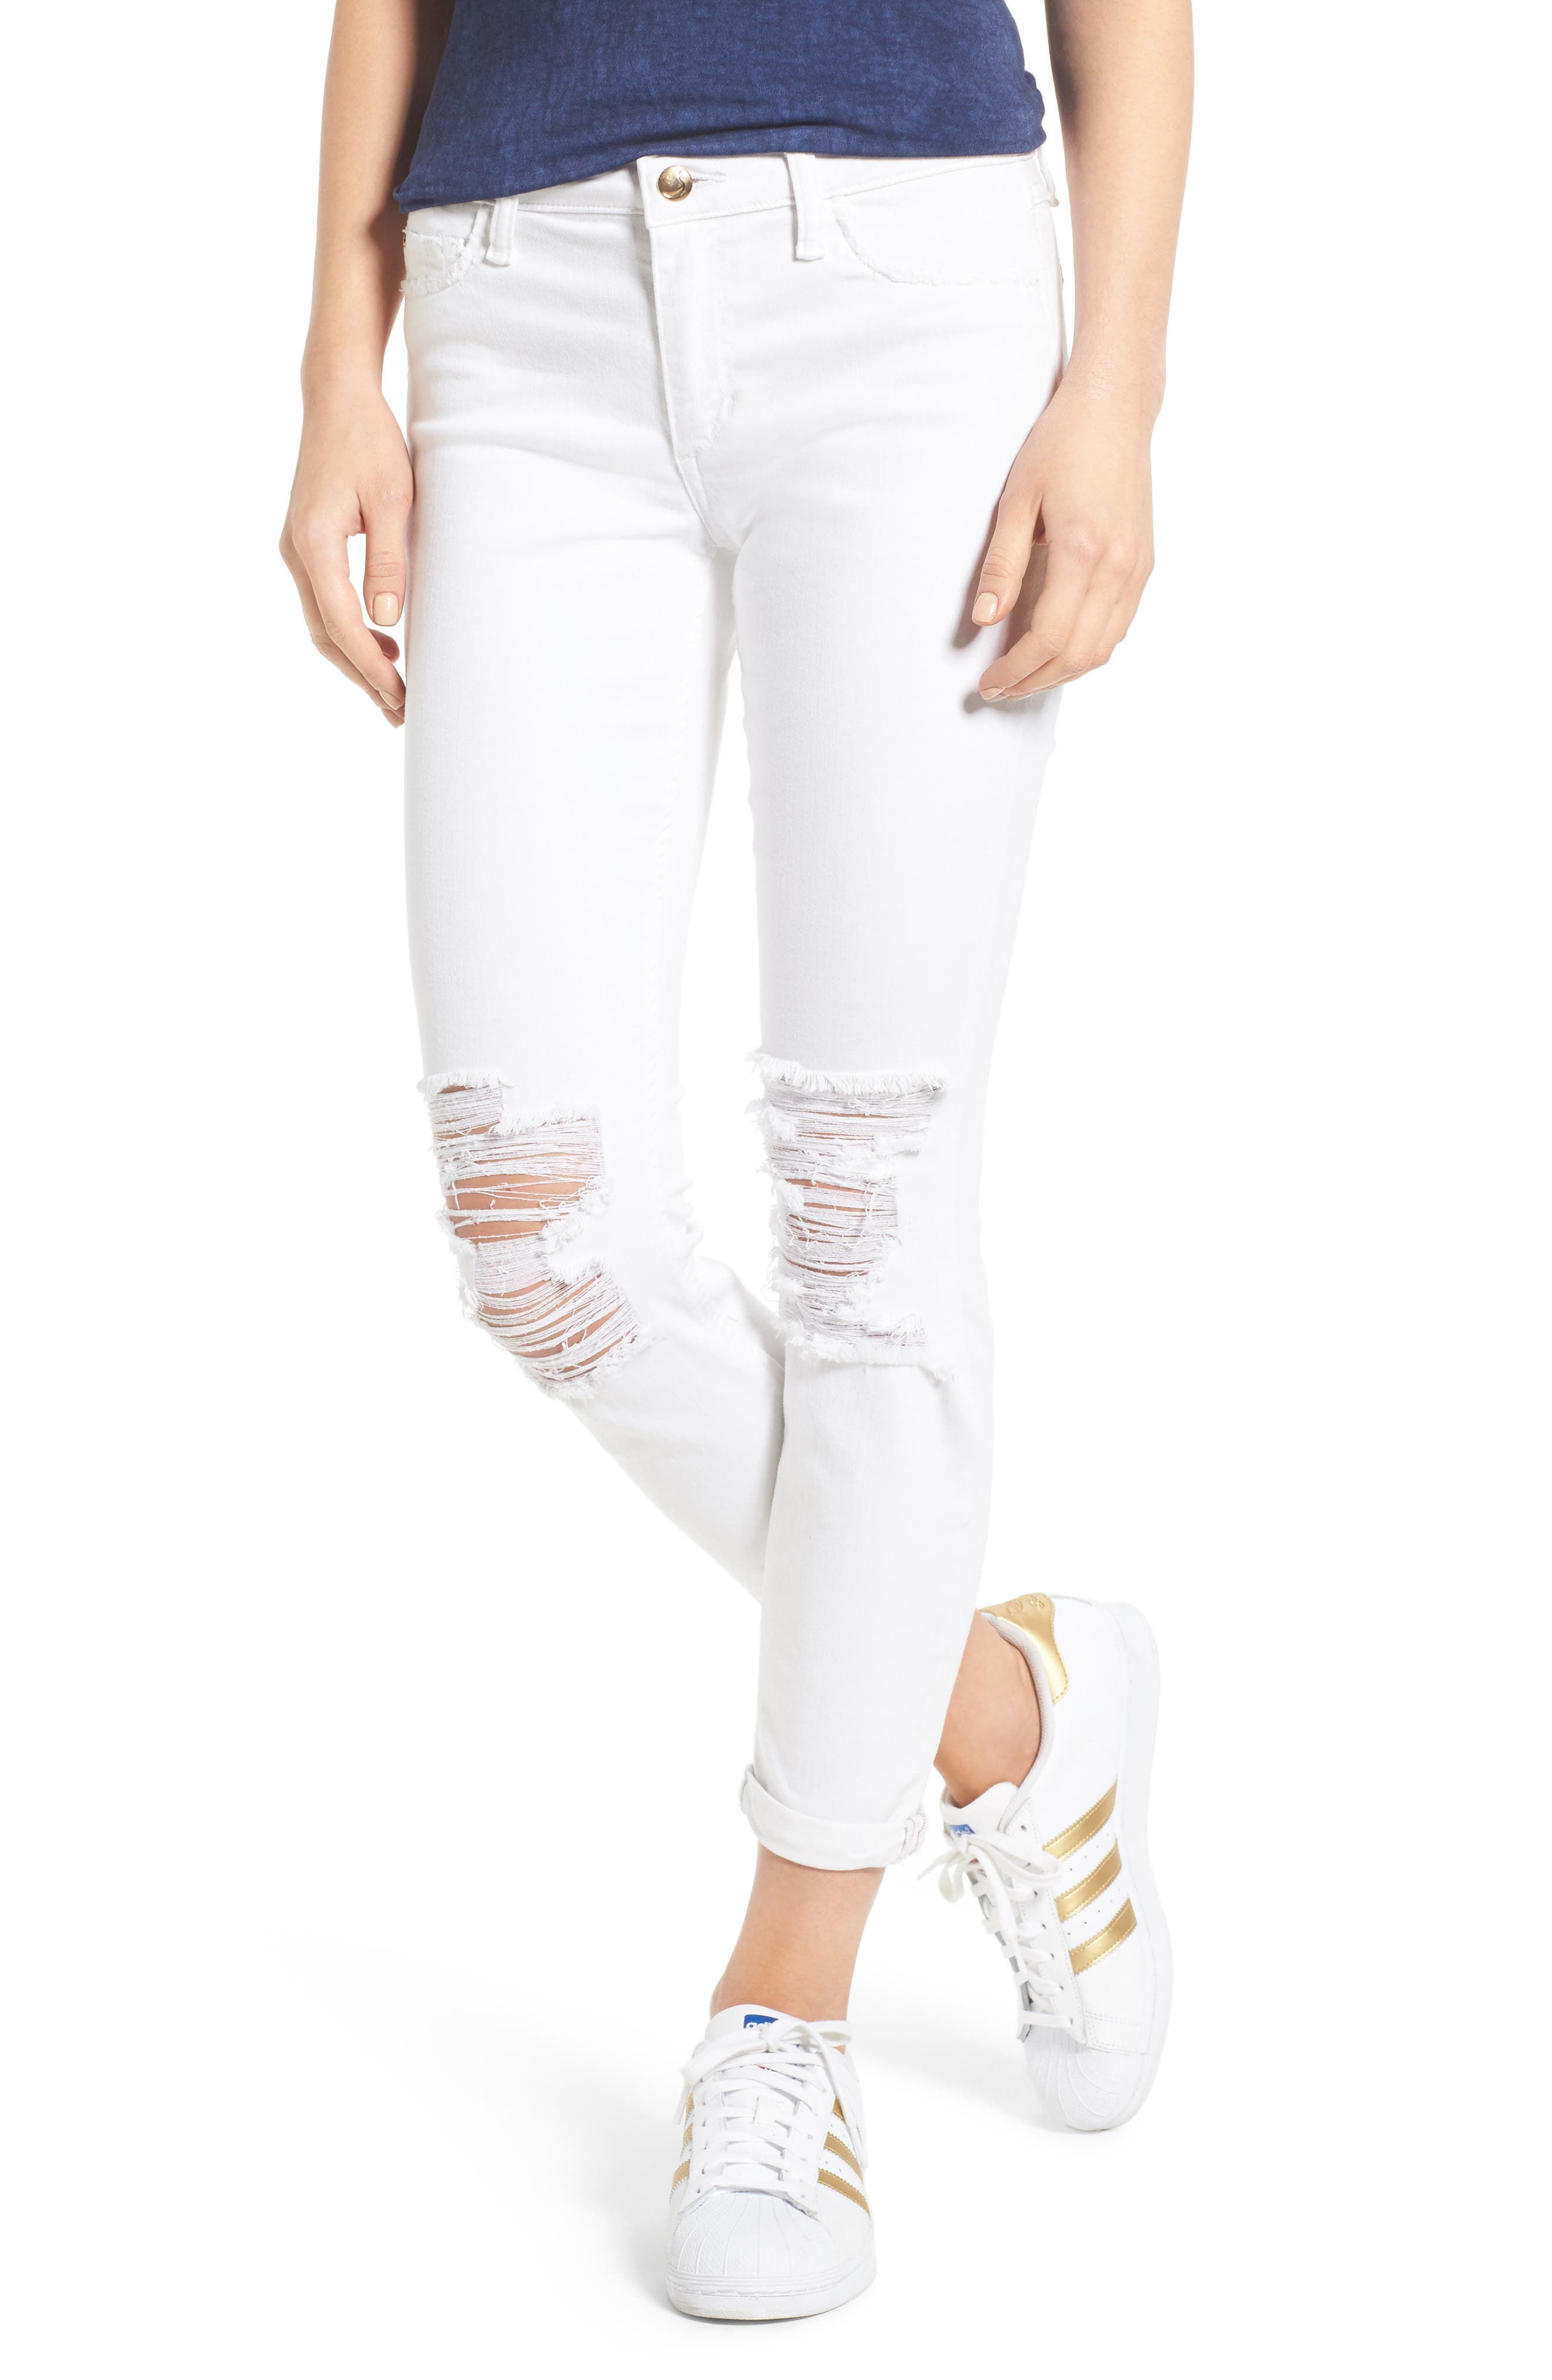 Andie Crop Skinny Jeans,                         Main,                         color, 100